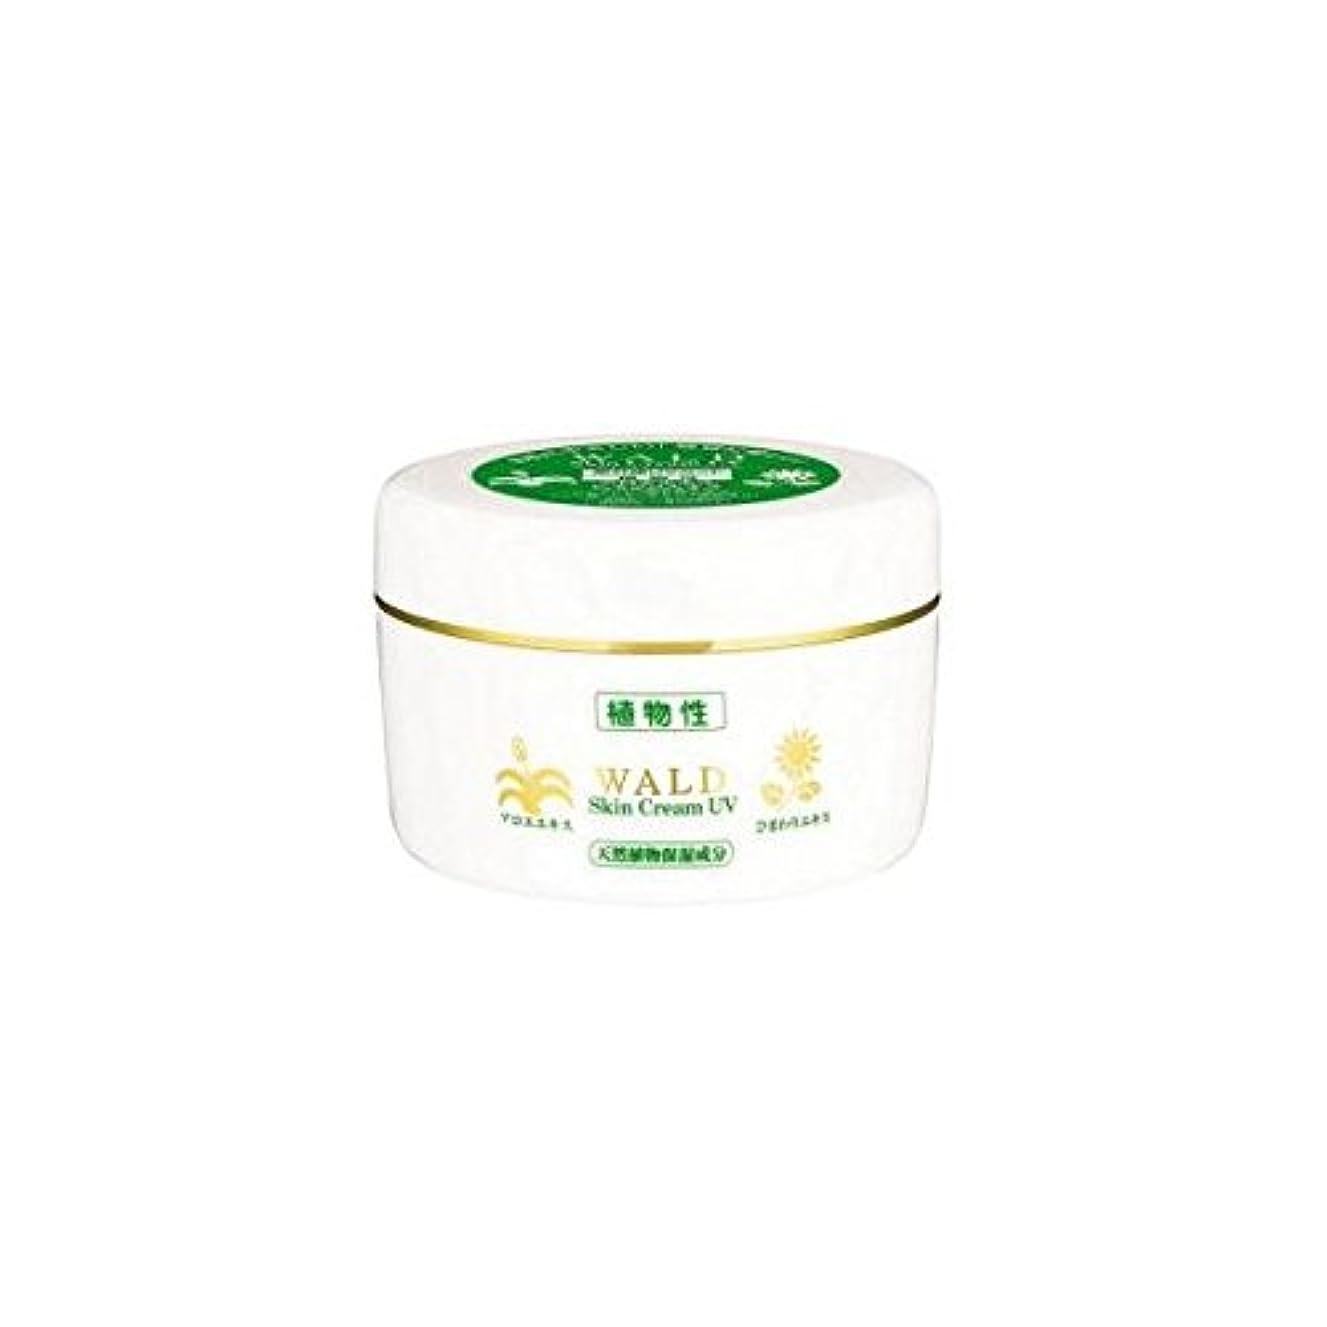 一元化するやりすぎ出撃者新 ヴァルトスキンクリーム UV (WALD Skin Cream UV) 220g (1)